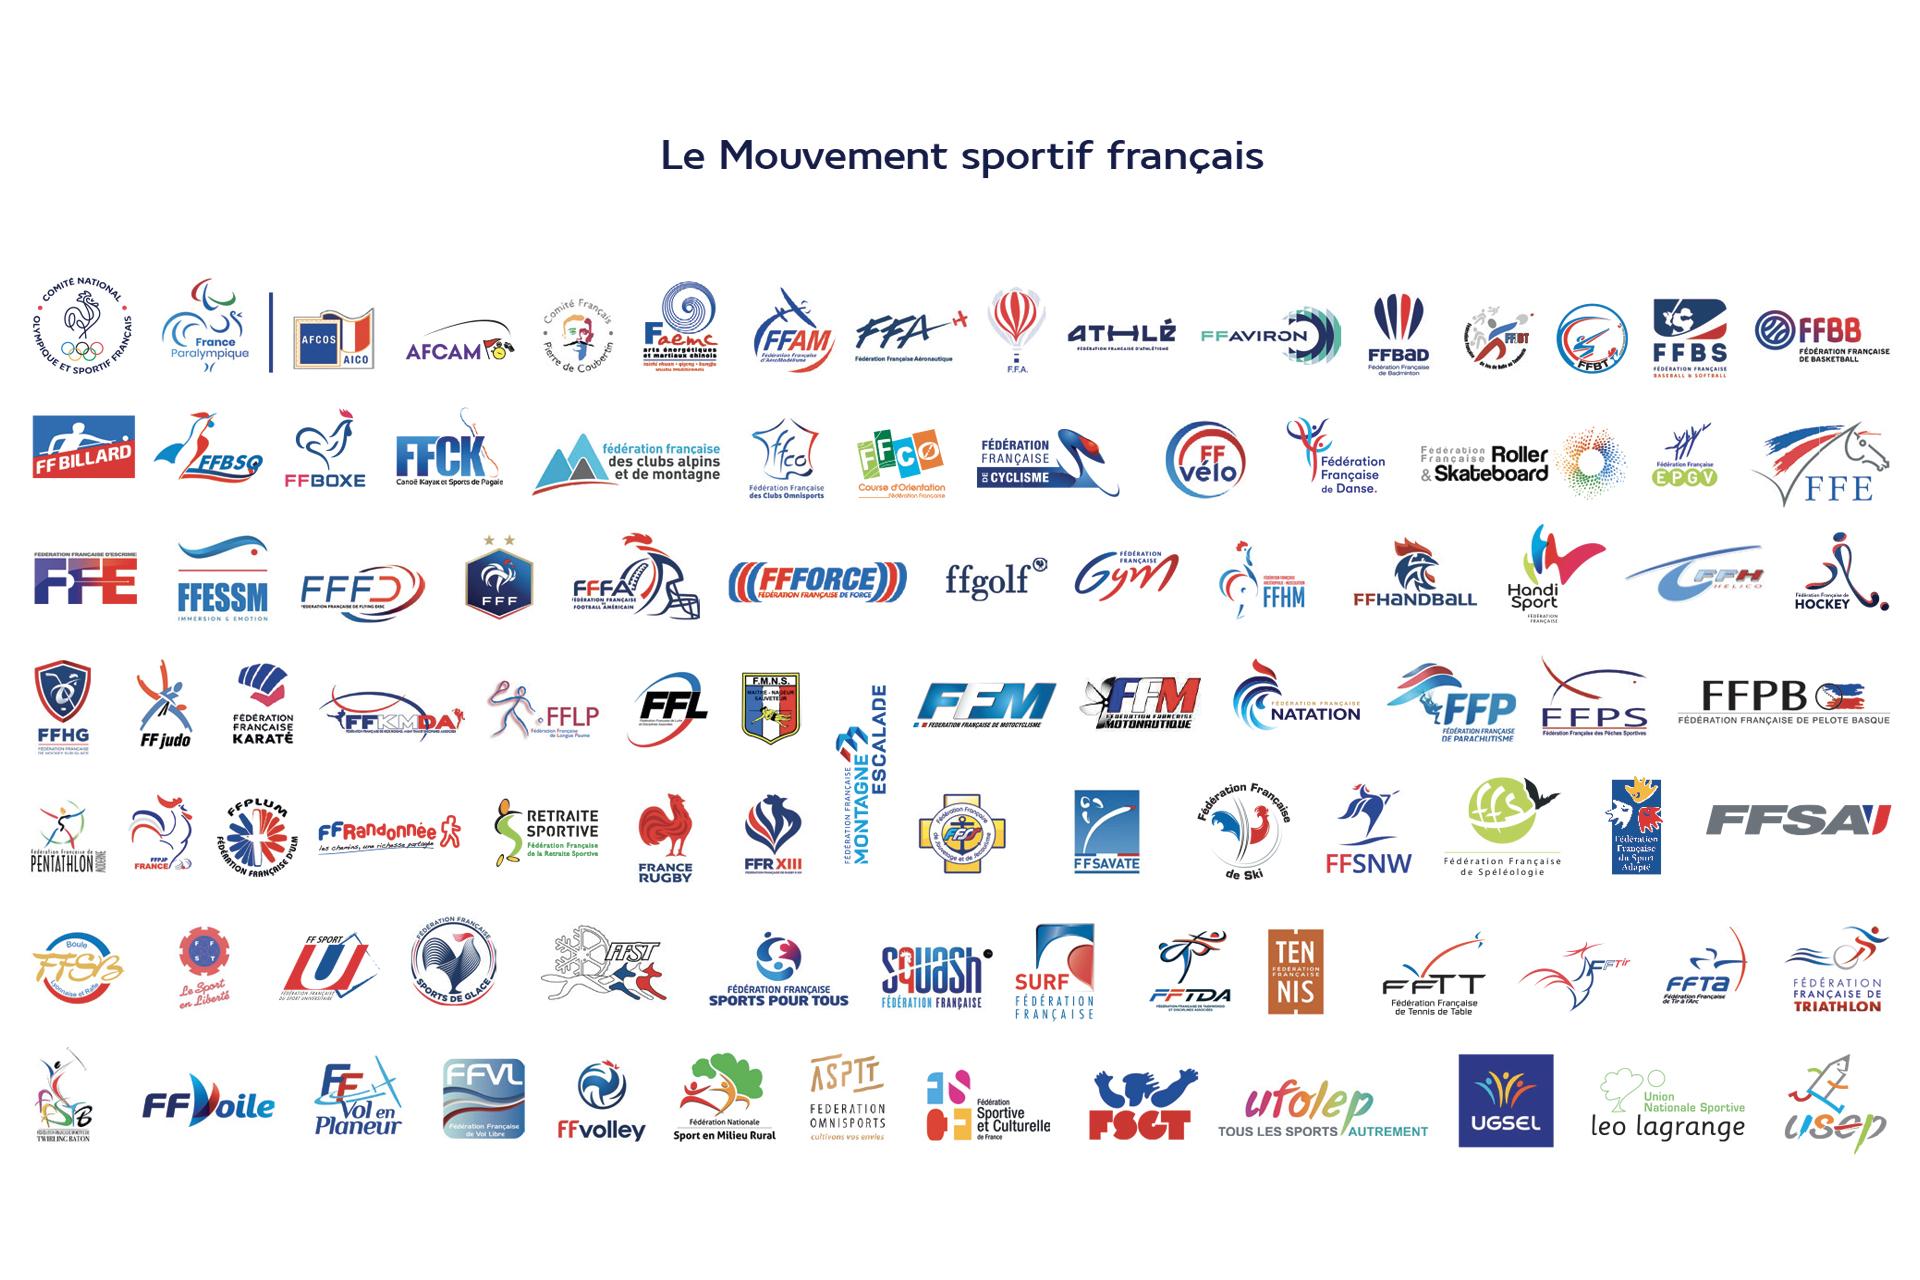 Lettre ouverte du Mouvement Sportif Français au Président de la République